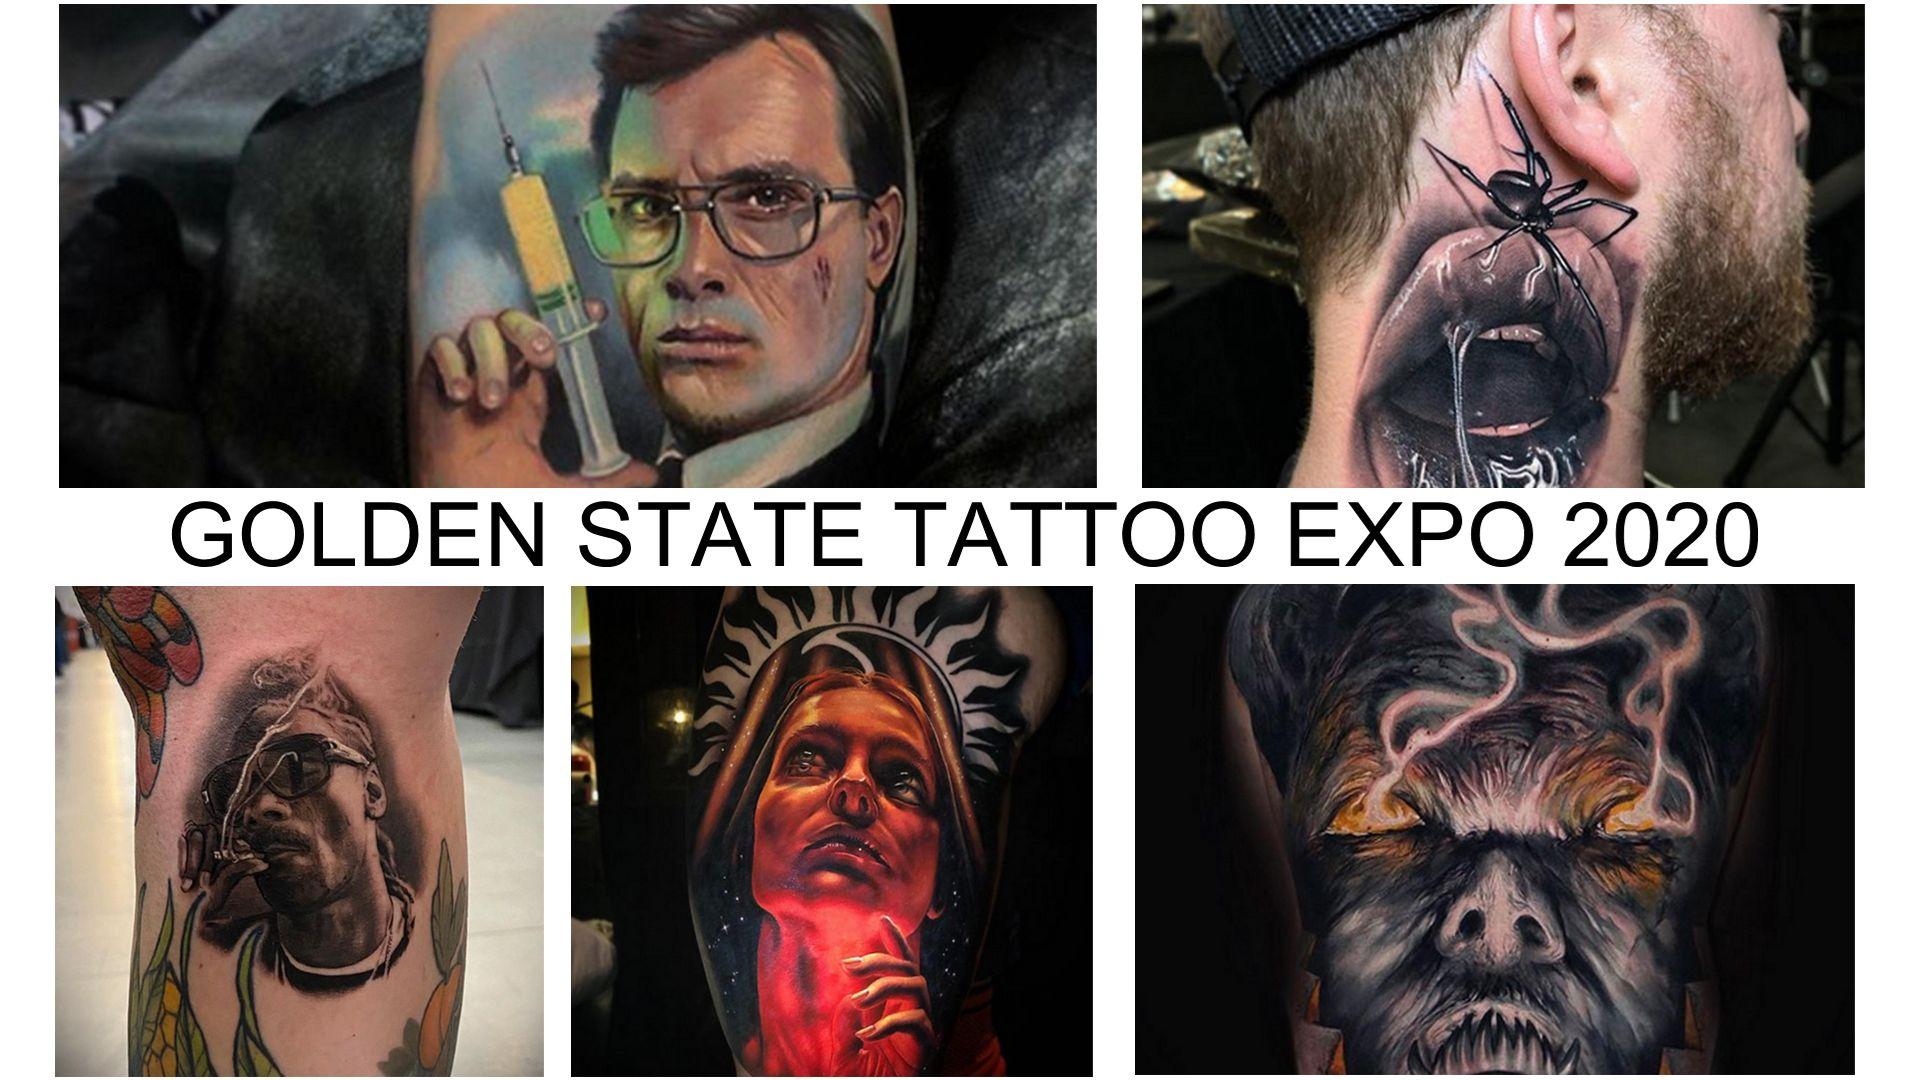 Что вы могли бы увидеть при посещении тату конвенции GOLDEN STATE TATTOO EXPO 2020